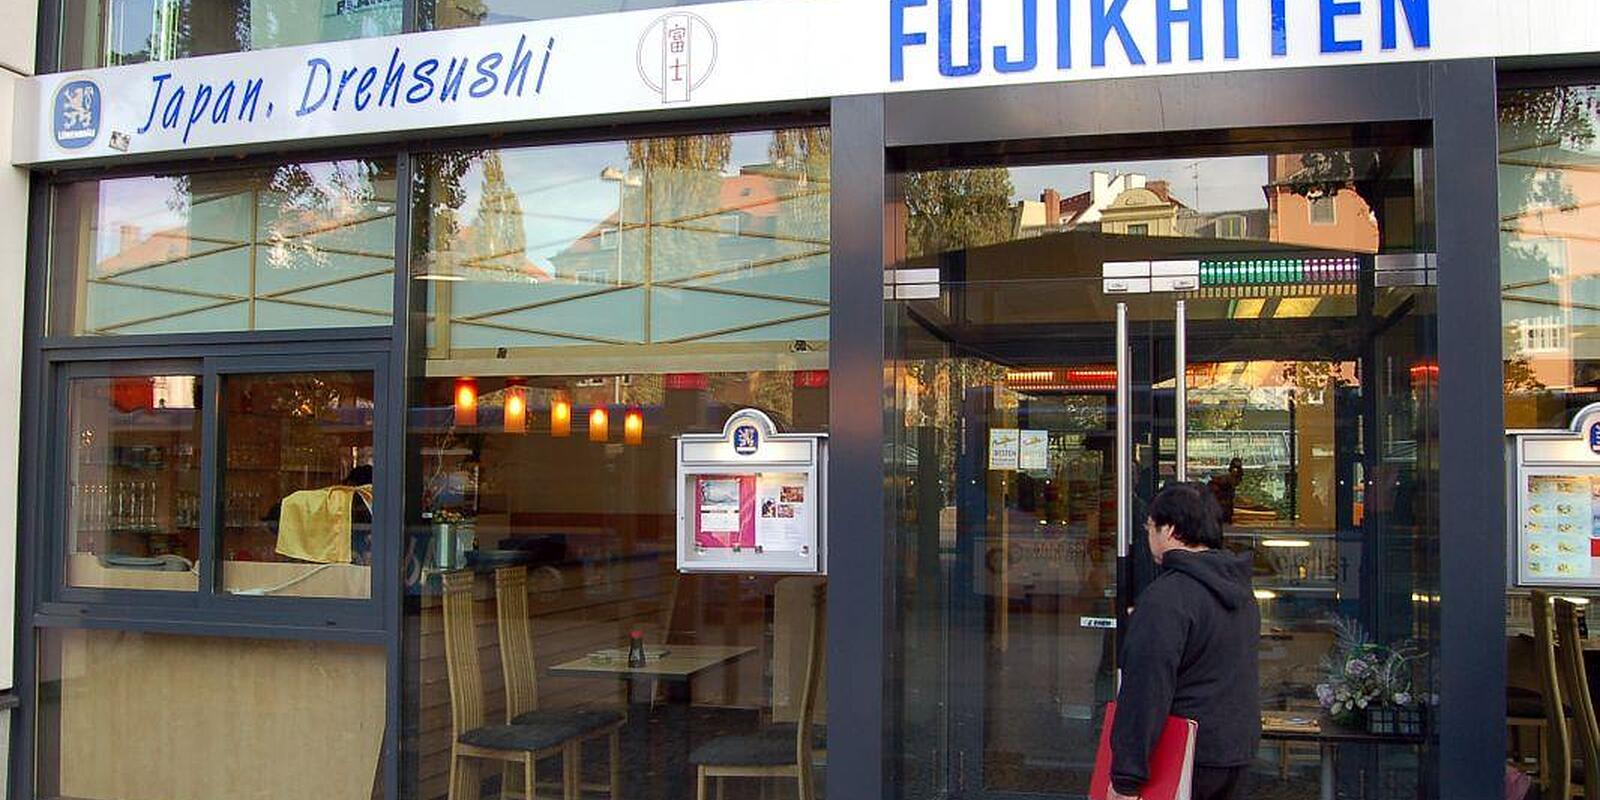 fujikaiten m nchner freiheit schwabing m nchen japanisches restaurant willkommen. Black Bedroom Furniture Sets. Home Design Ideas